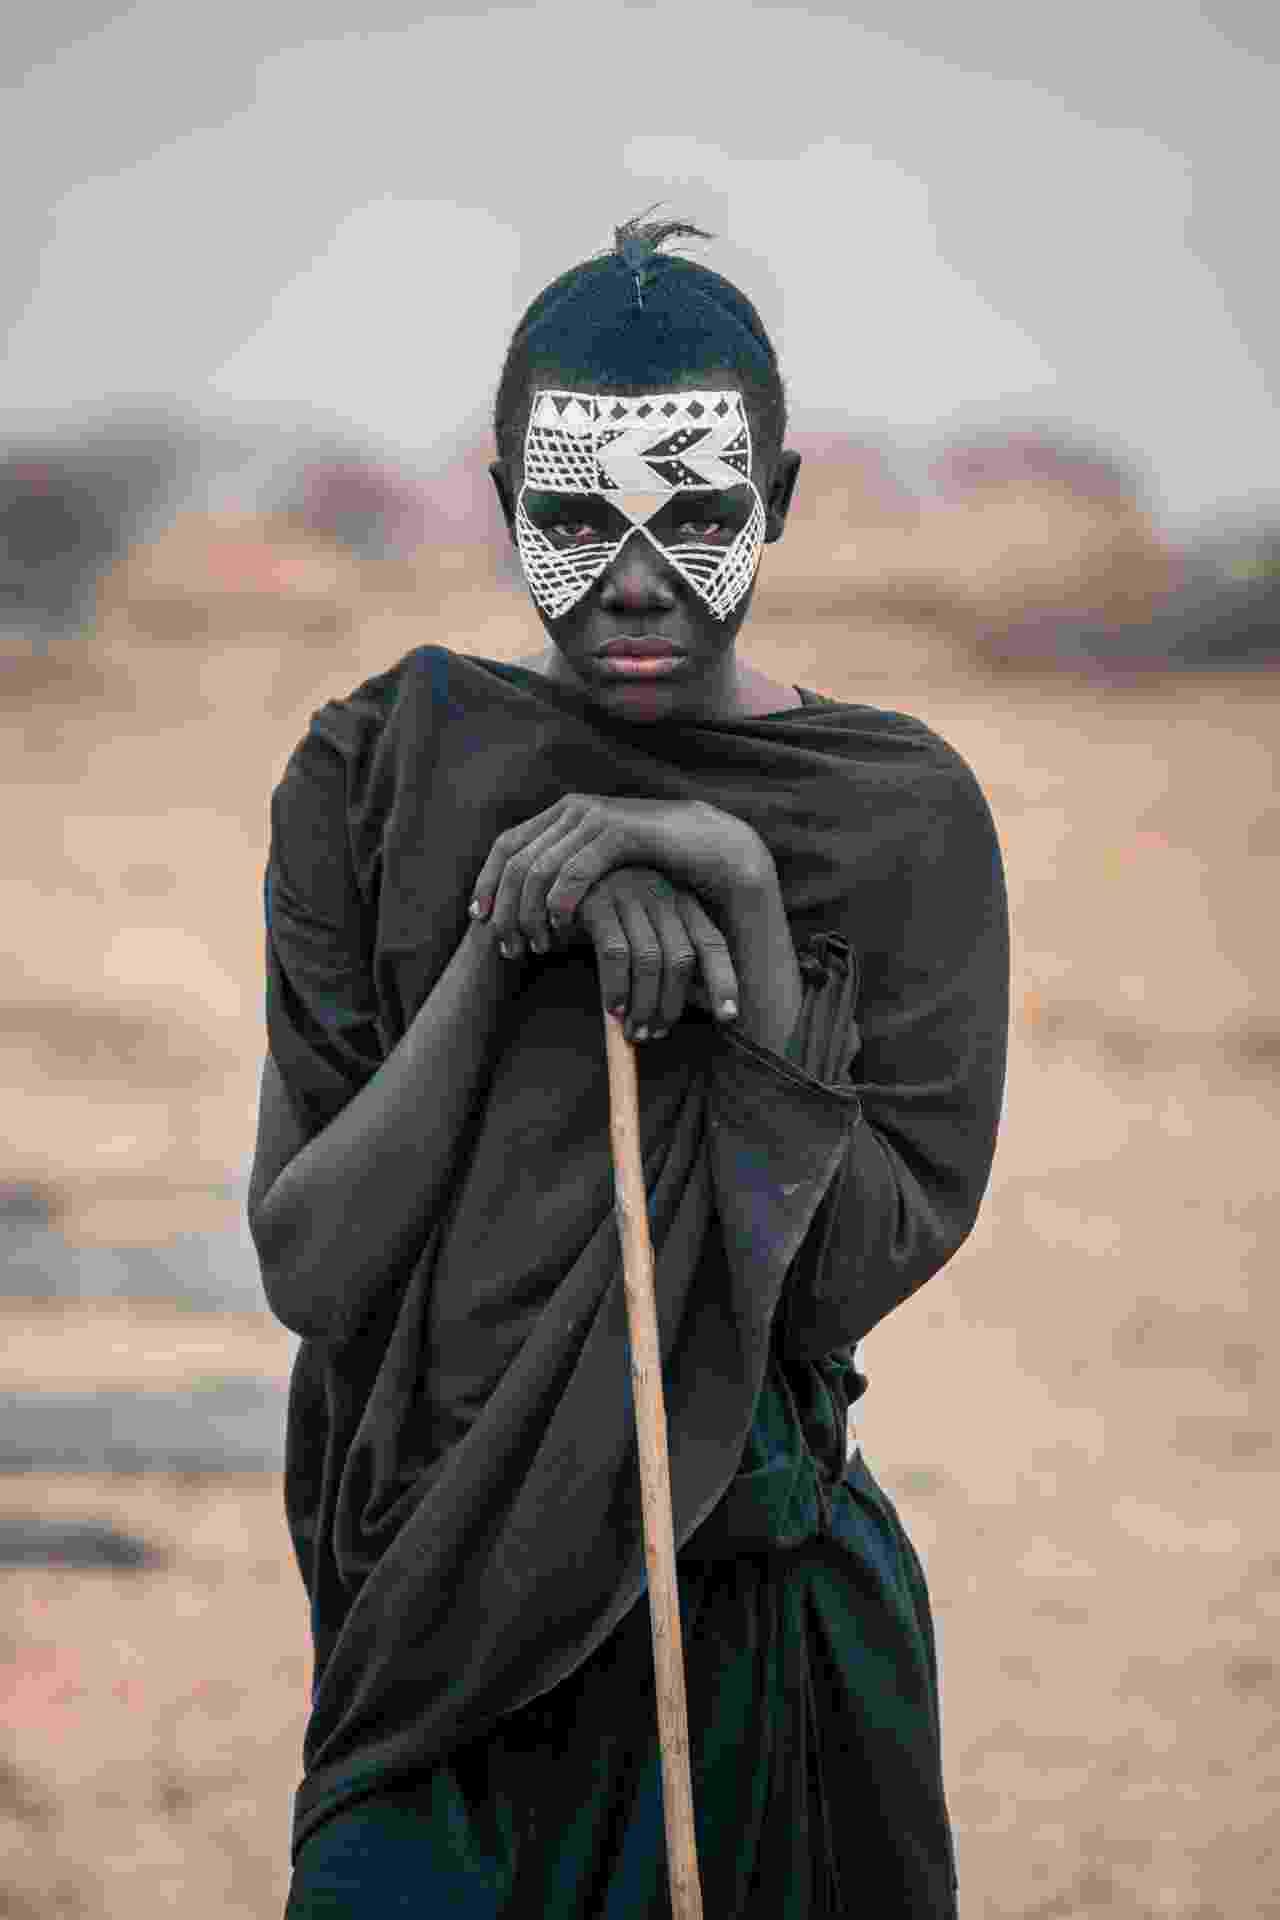 """12.jan.2016 - O garoto da foto é conhecido como Nyangulo e faz parte da tribo masai. A imagem faz parte do ensaio feito em outubro de 2015 pelo fotógrafo romeno Vlad Cioplea, durante expedição à Tanzânia. Cioplea conta que os garotos masai passam por um doloroso processo de crescimento. """"Eles são circuncidados e então têm que deixar suas casas por pelo menos três meses para aprender a sobreviver por conta própria no deserto. Eles devem vestir-se de preto e pintam seus rostos com branco"""", conta - Vlad Cioplea"""